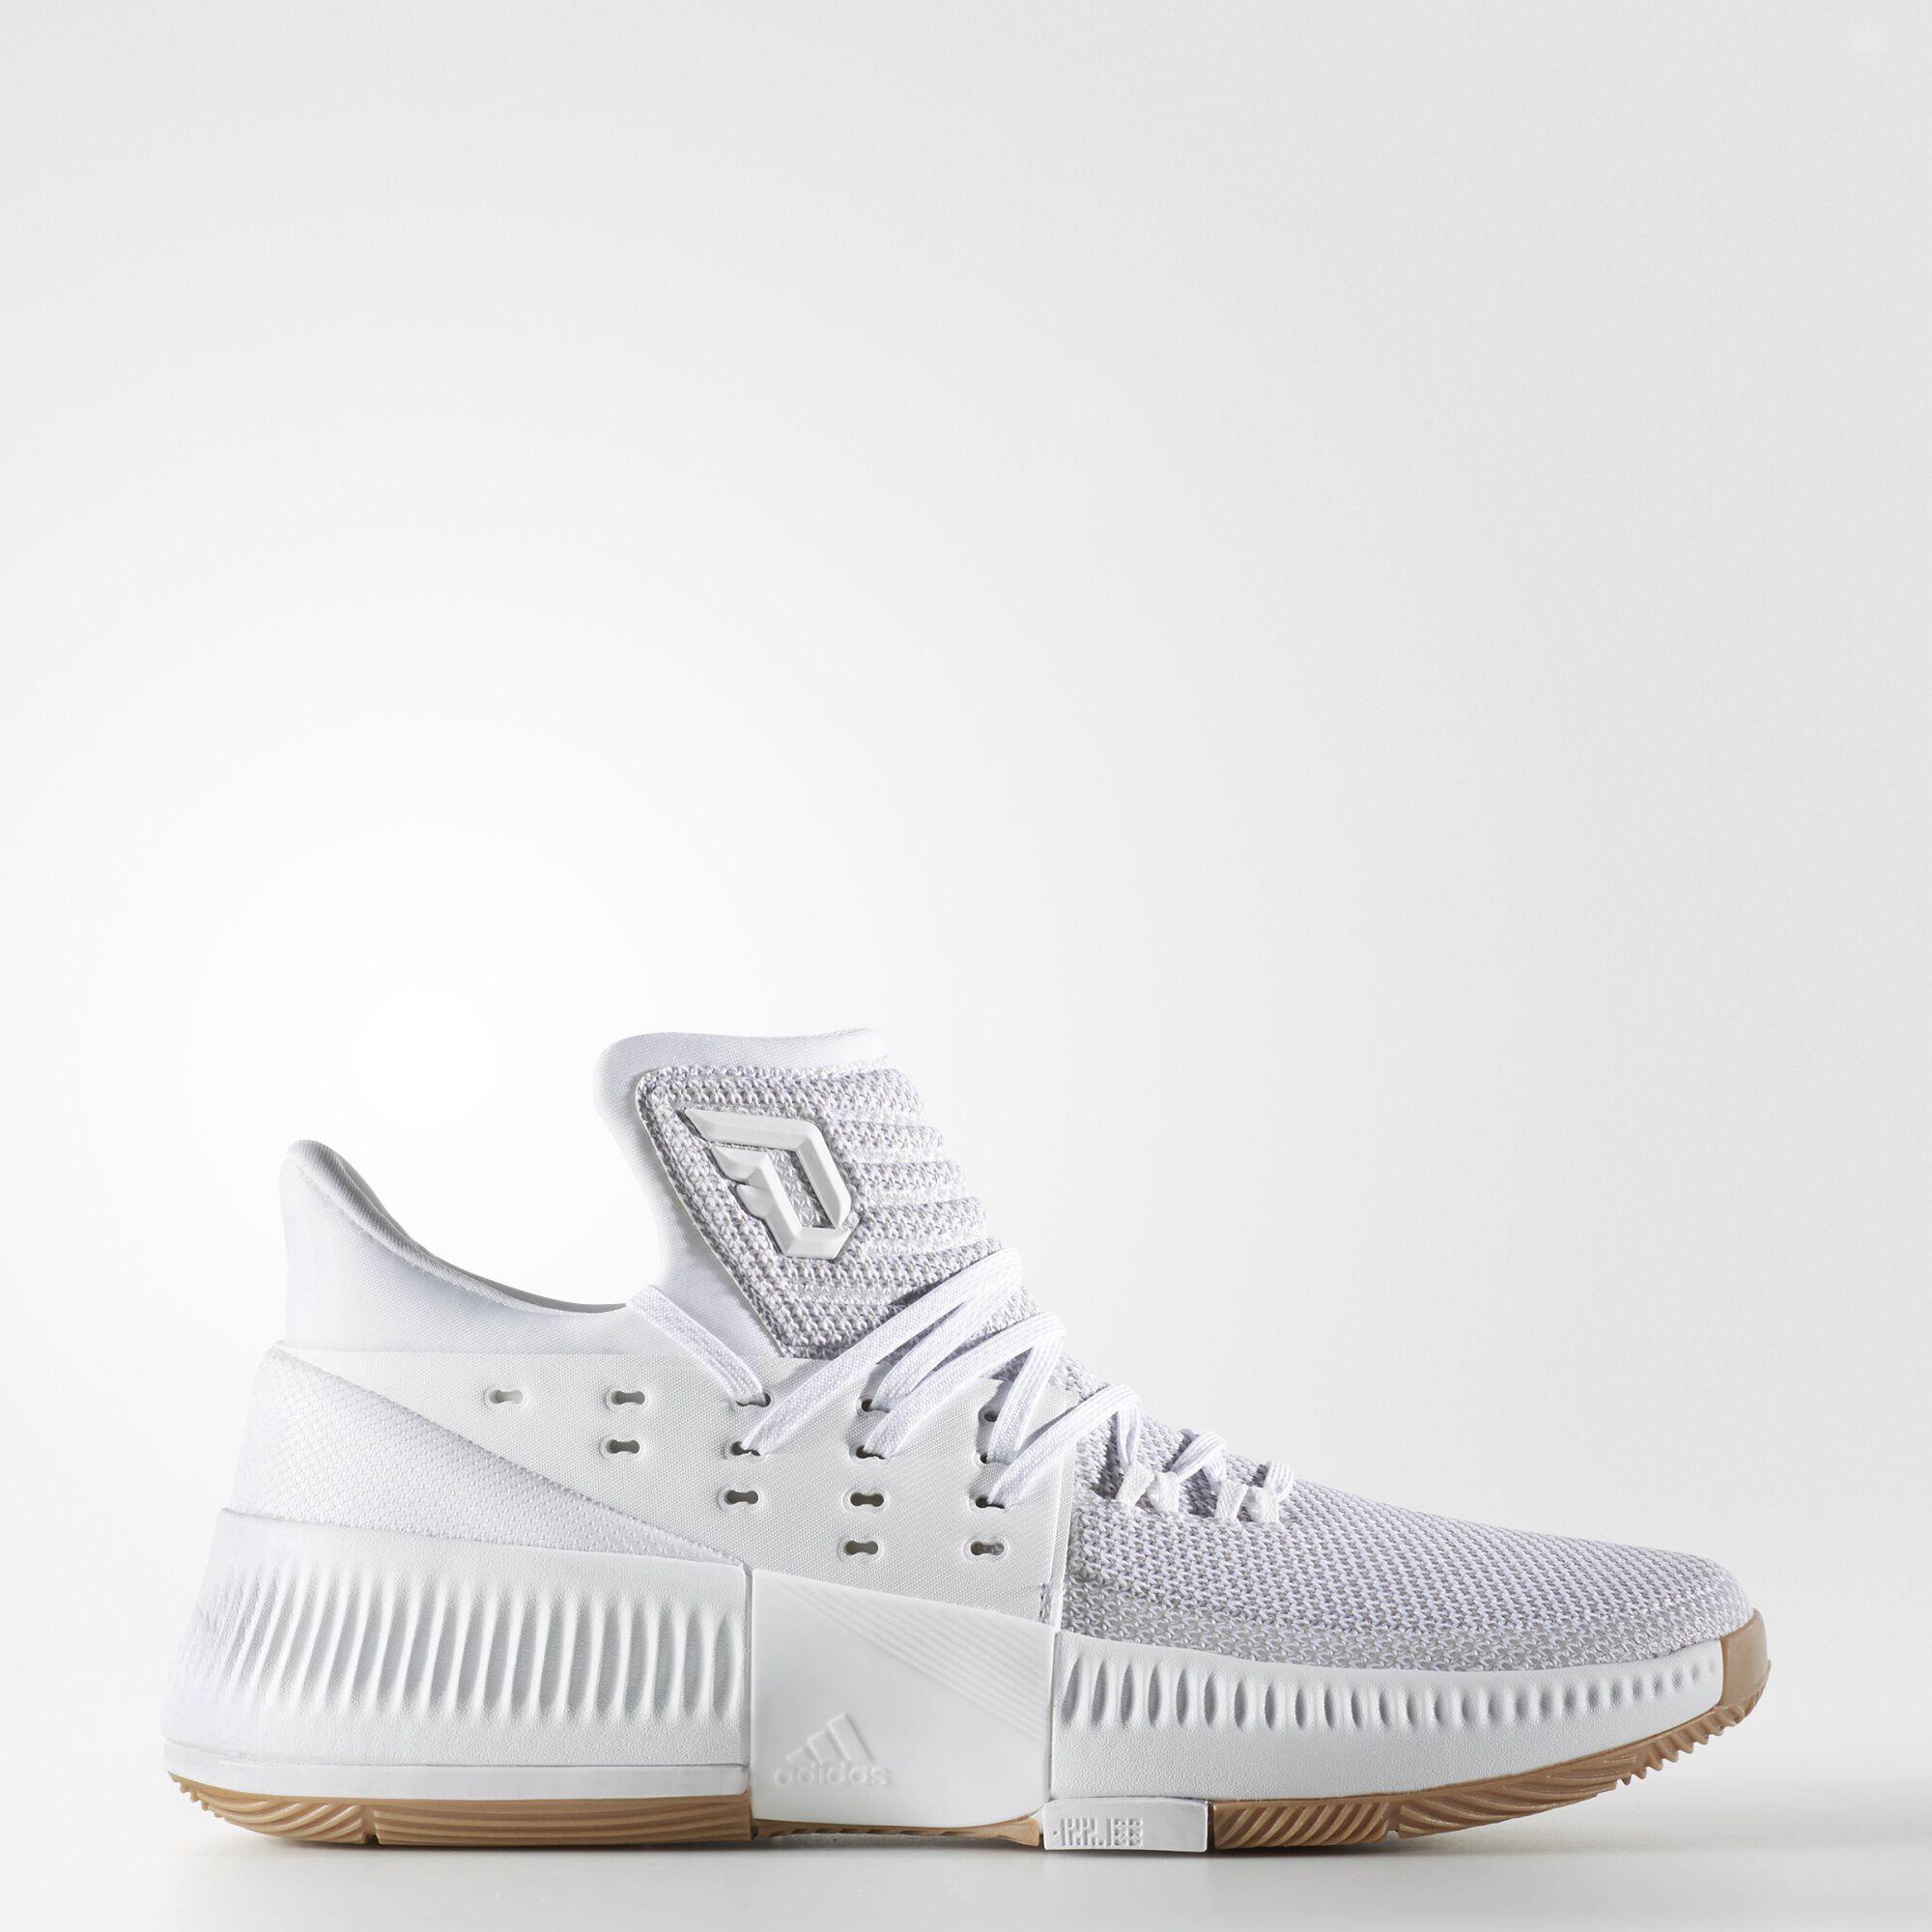 adidas usa basketball socks